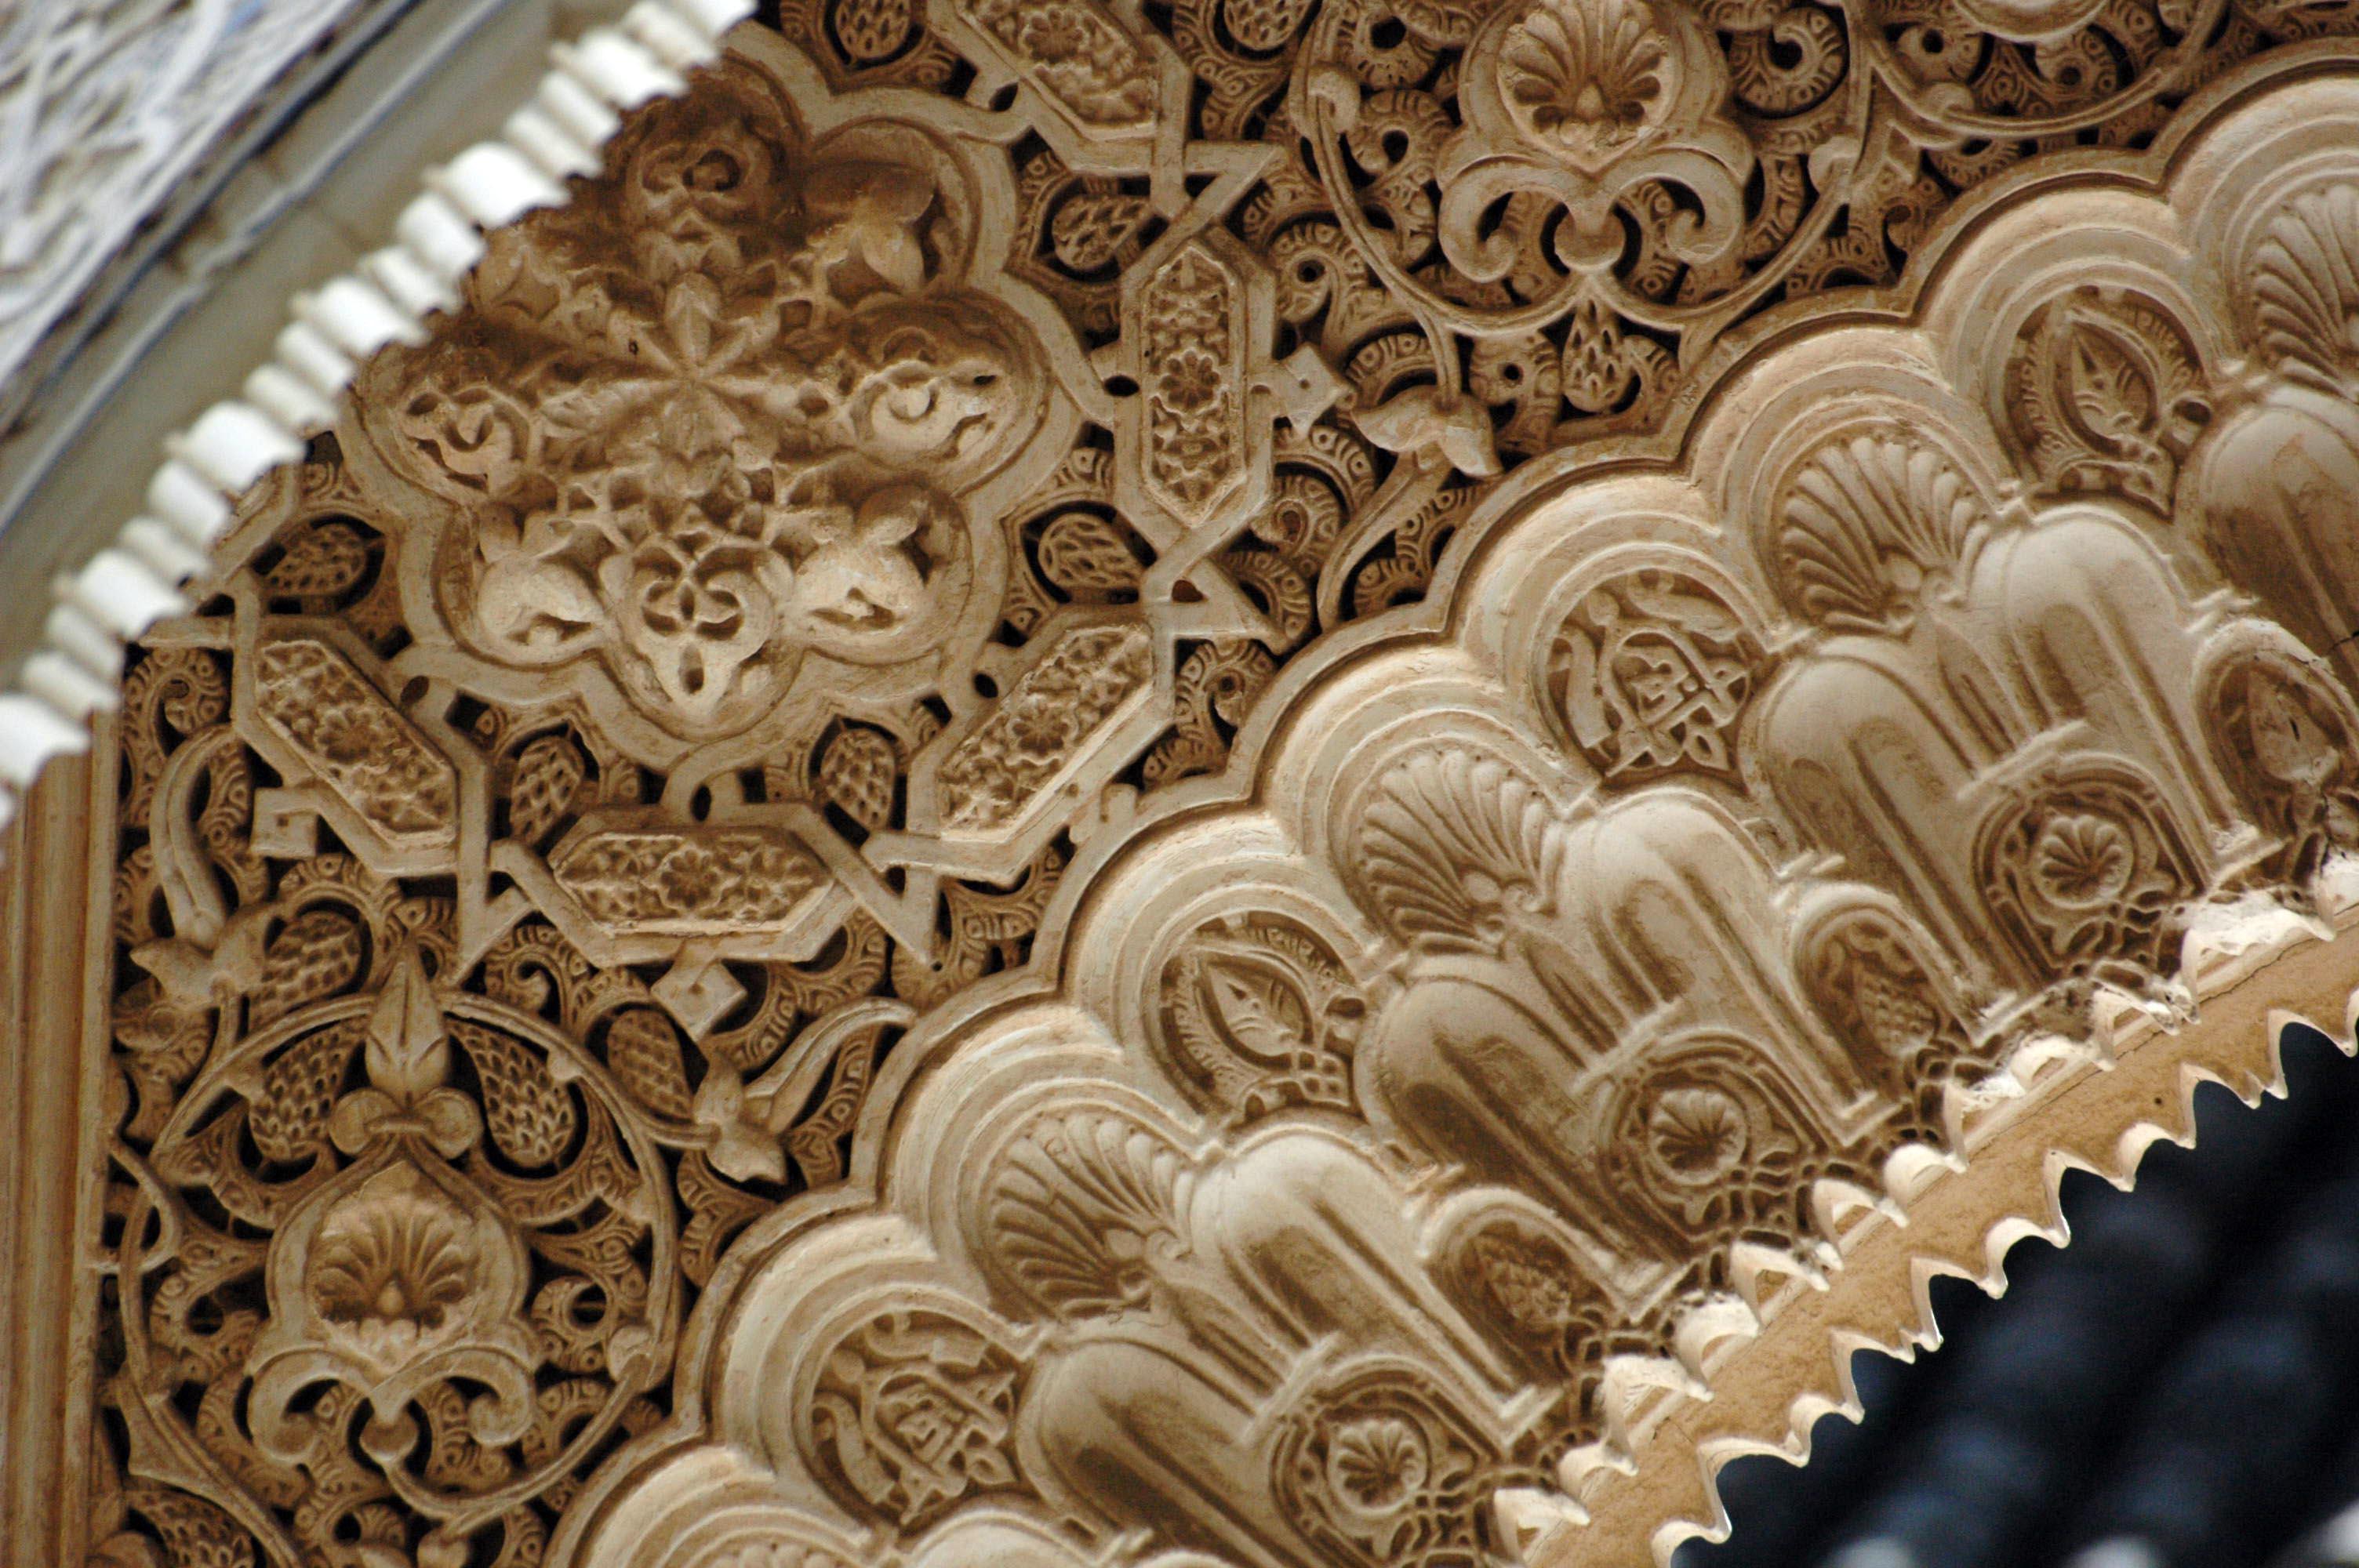 ഗള്ഫ് രാഷ്ട്രങ്ങളും ഇസ്രയേലും : പുതിയ ബാന്ധവും പണ്ഡിത നിലപാടുകളും